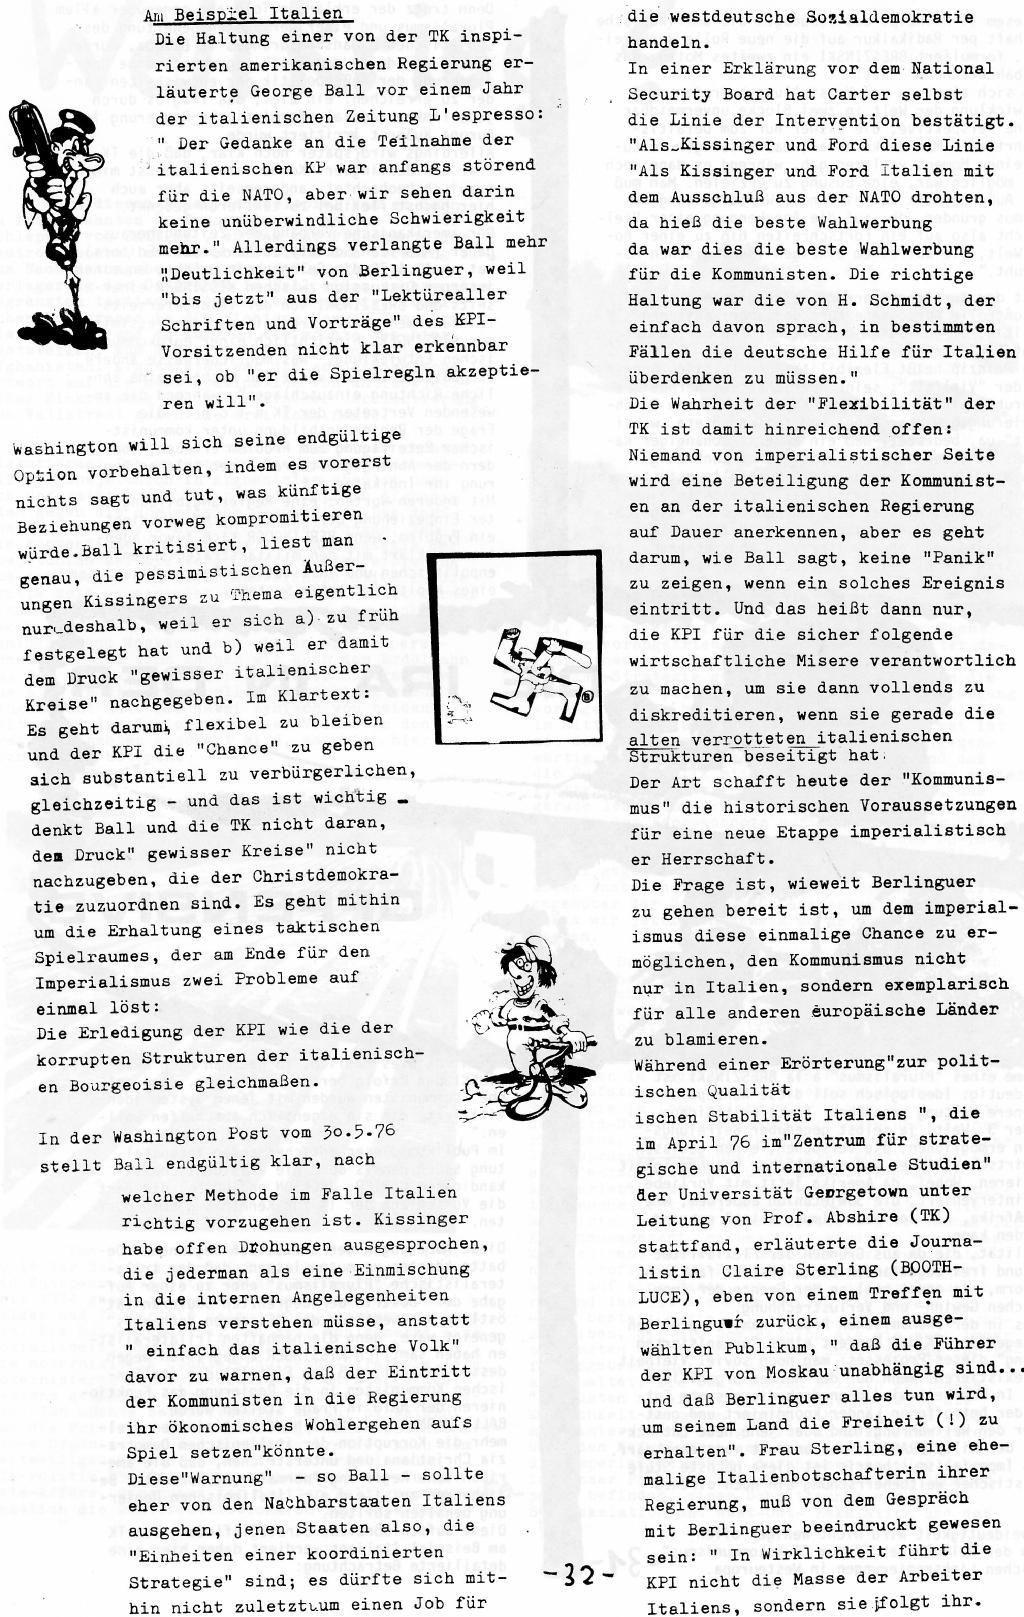 Bremen_1980_NATO_Broschuere_32